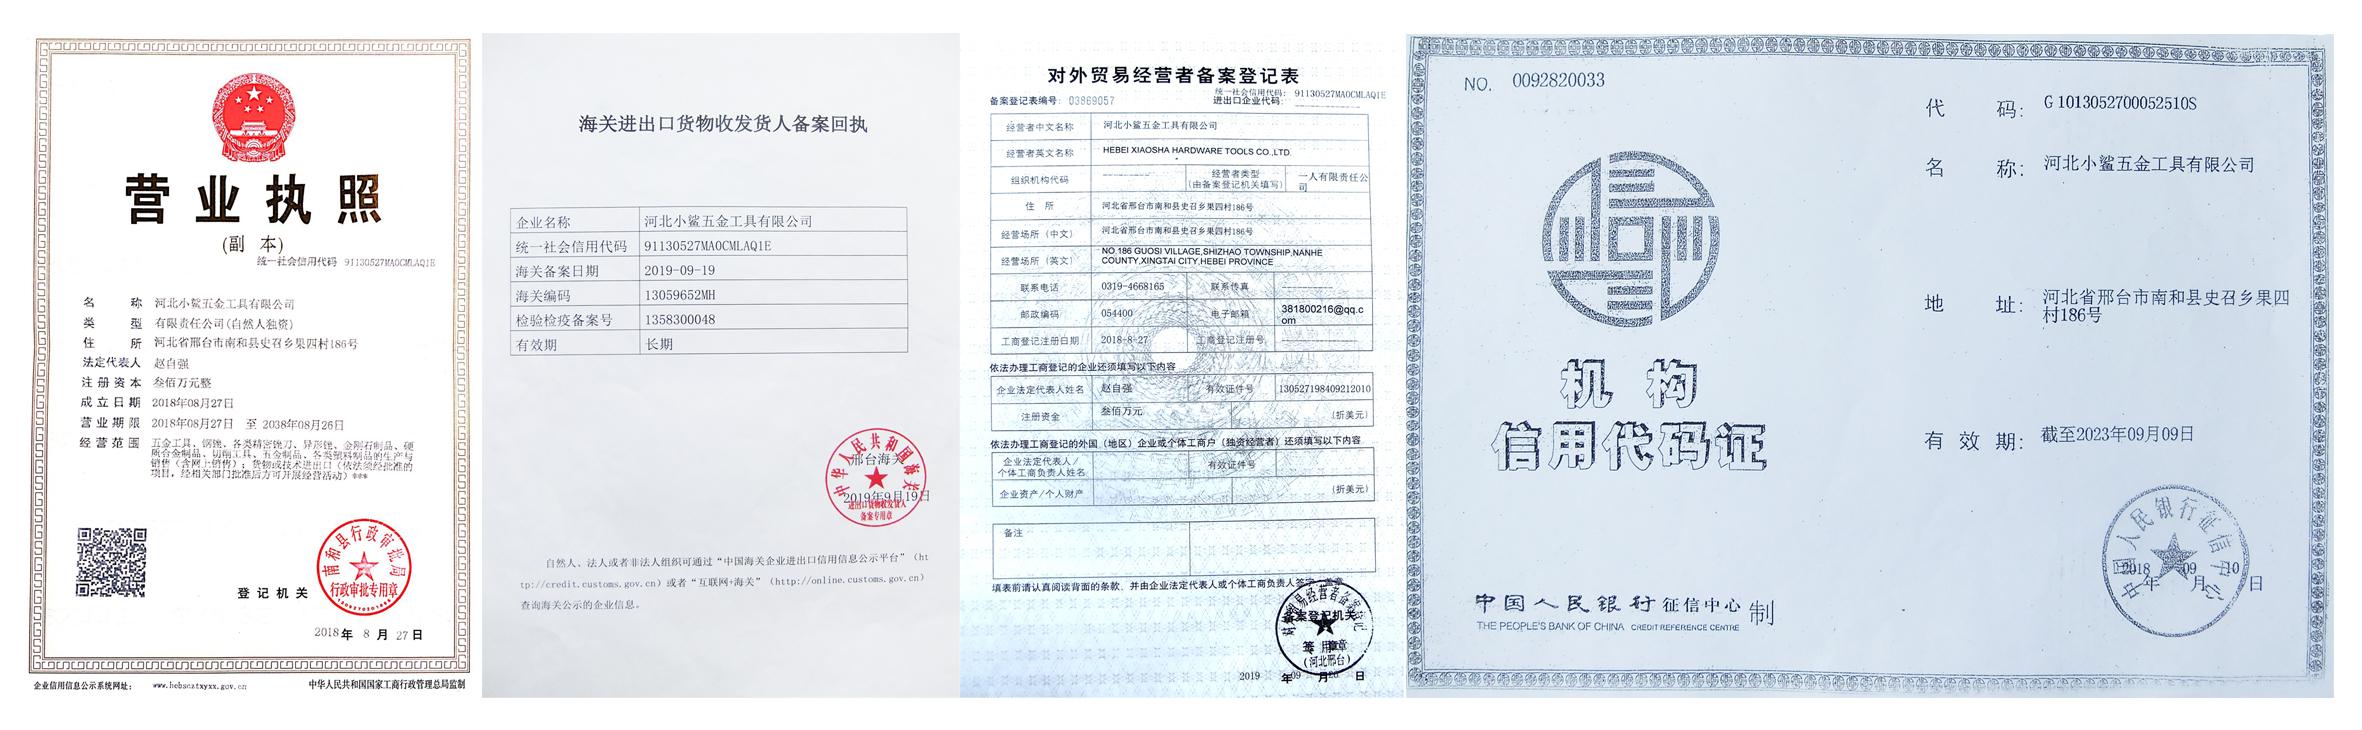 sharky certificate 1